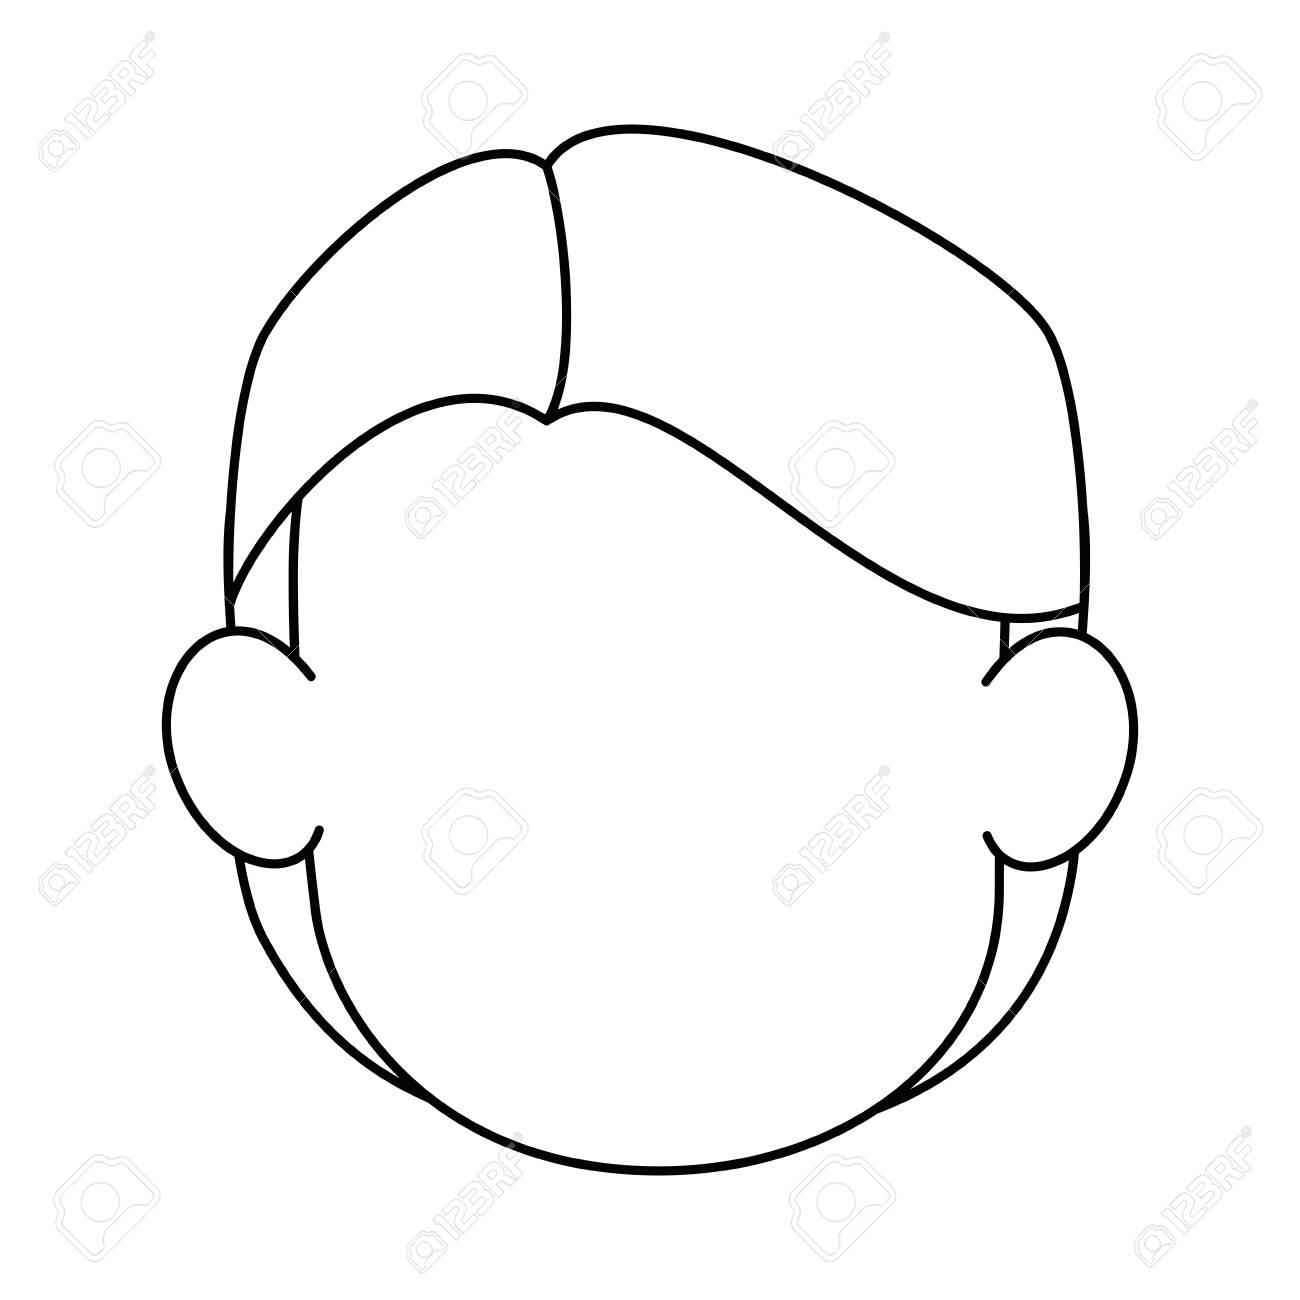 Desenho De Homem Sem Rosto Sobre O Icone Do Fundo Branco